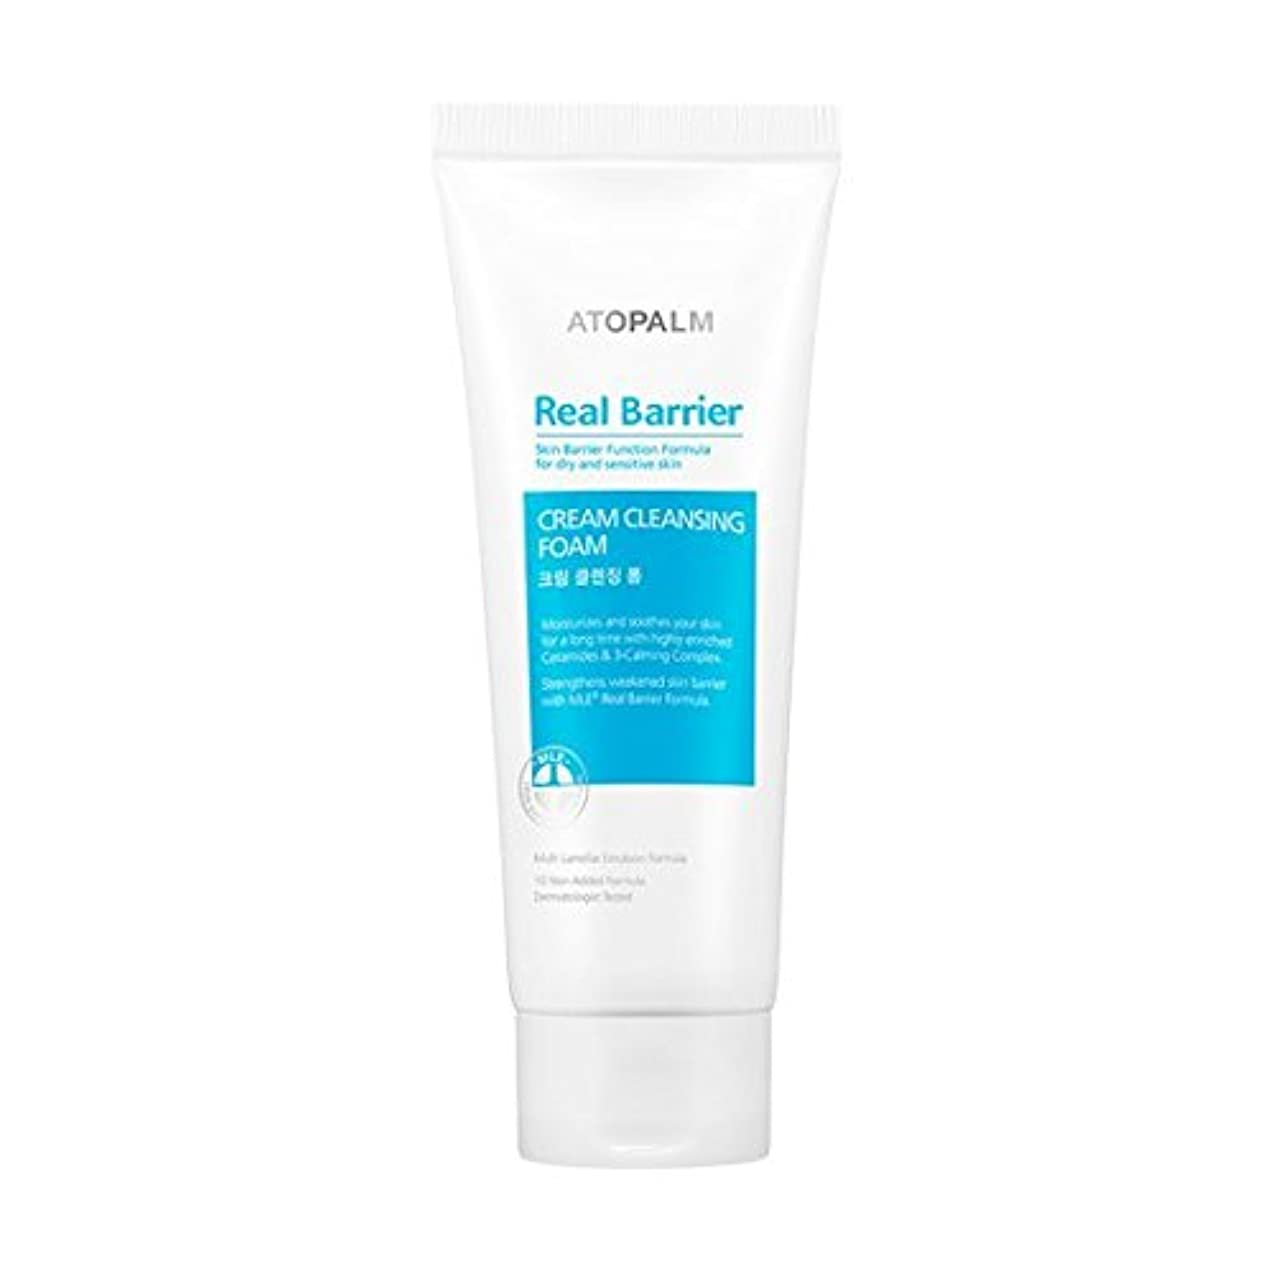 放課後相互接続孤独な[Atopalm (韓国コスメ アトパーム)] Real barrier cream cleansing foam (150g) リアルバリアクリームクレンジング?フォーム[並行輸入品][海外直送品]